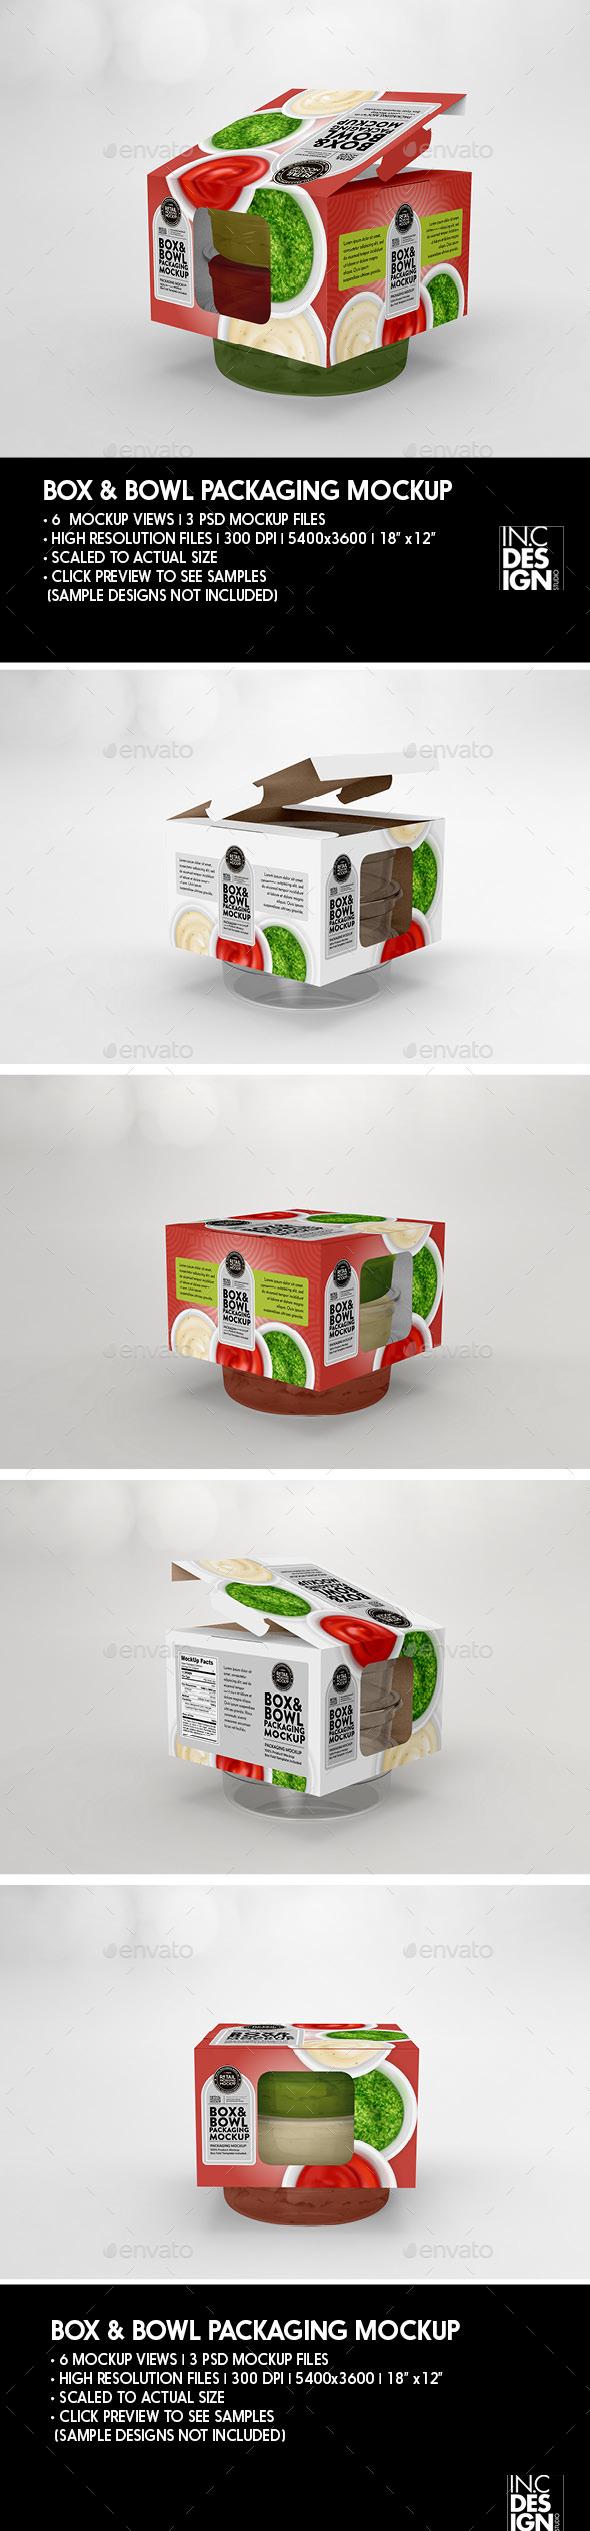 Retail Box and Bowl Packaging Mockup